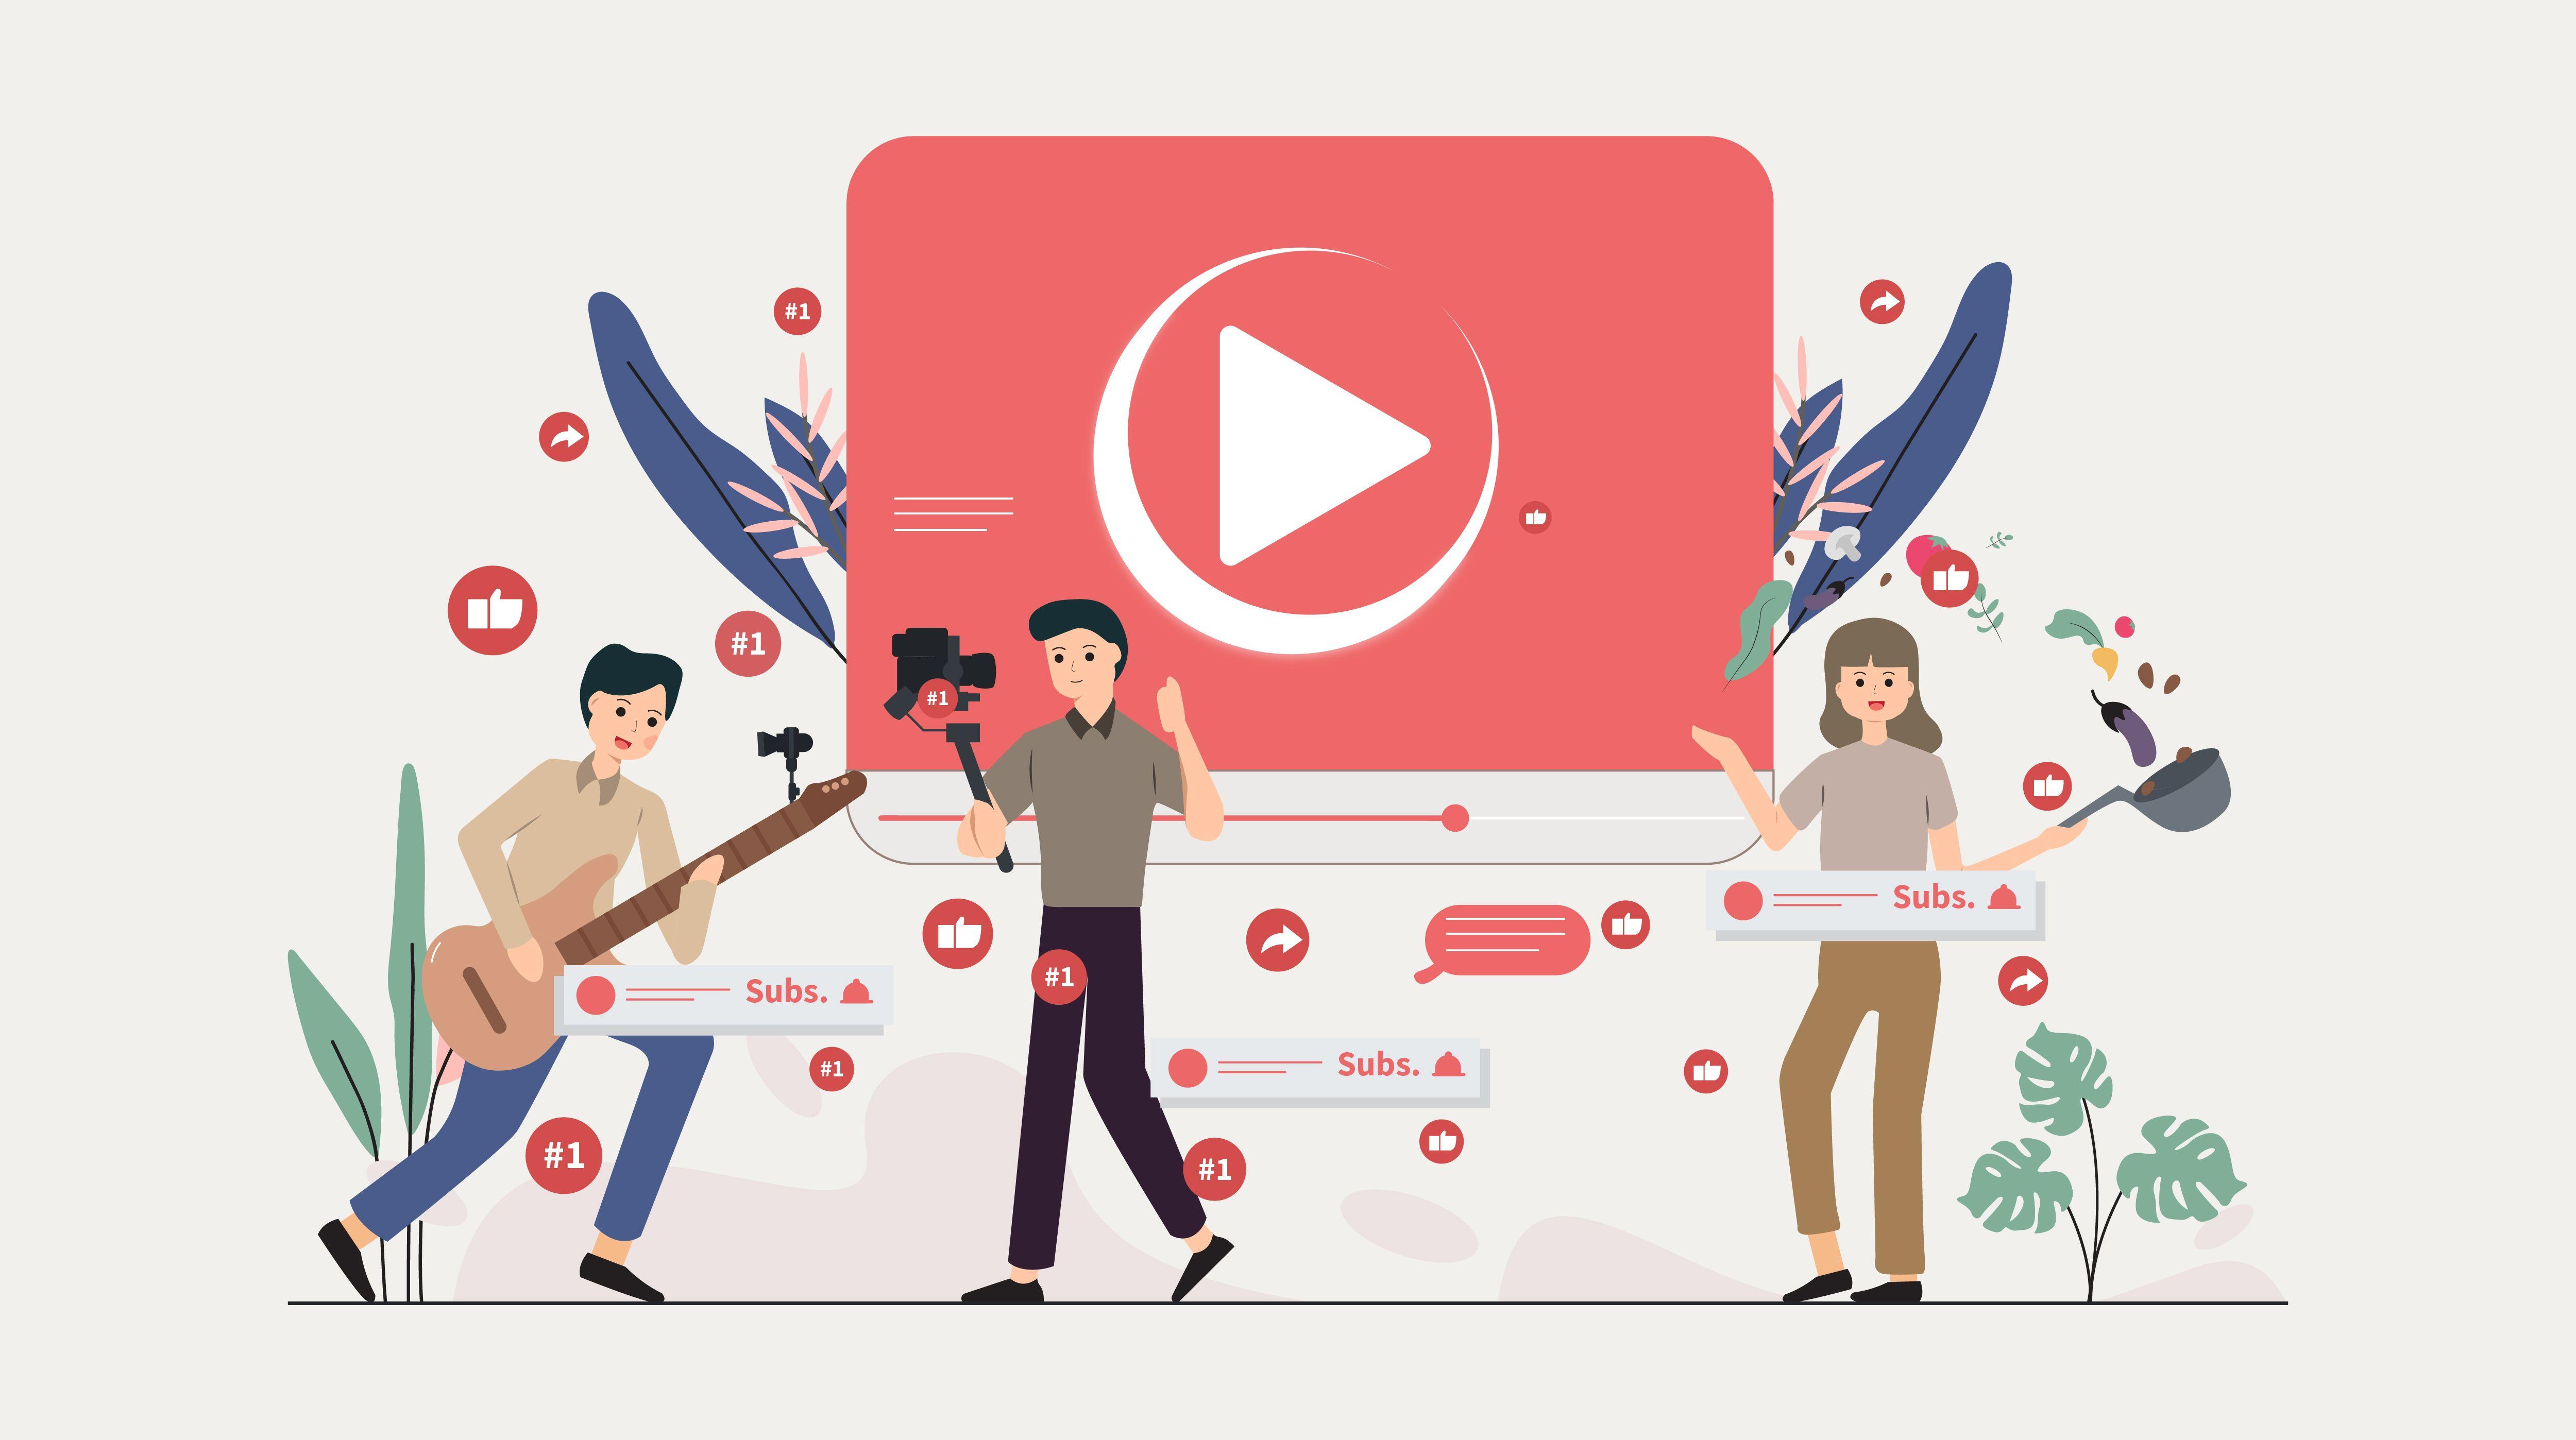 YouTube'da Doğru Başlık ve Açıklama Seçimi Nasıl Olmalıdır?